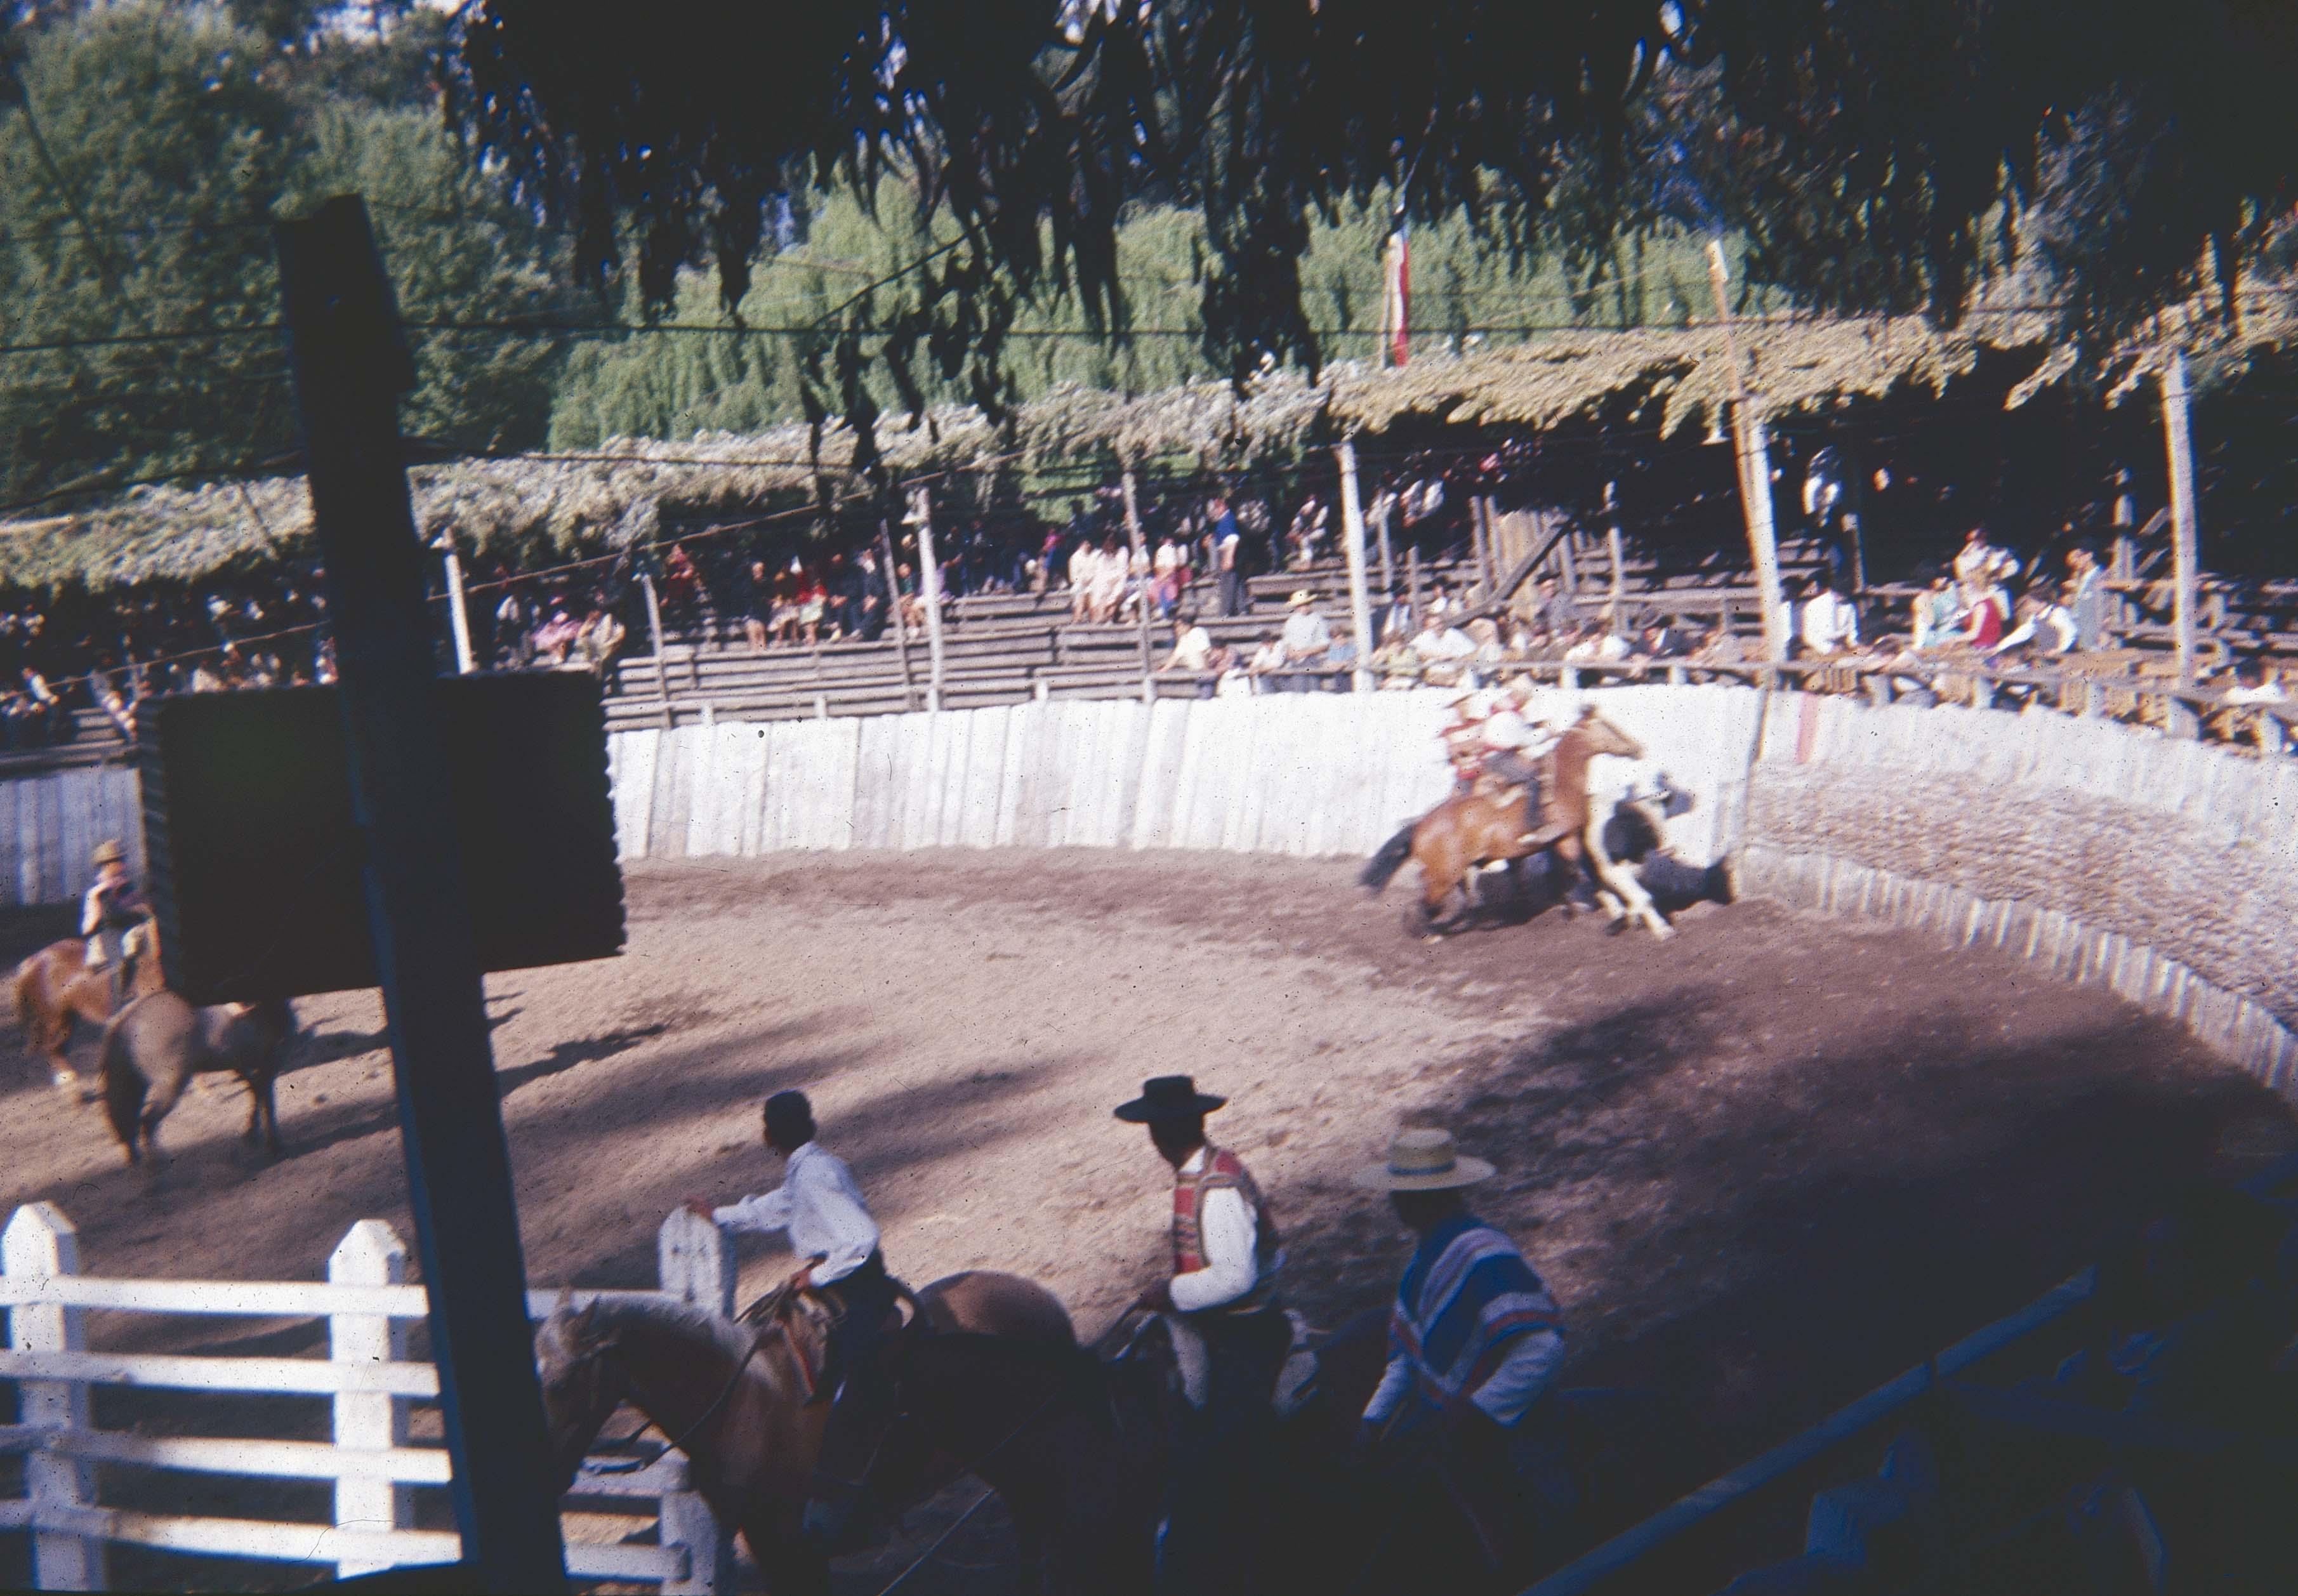 Enterreno - Fotos históricas de chile - fotos antiguas de Chile - Medialuna de Curicó en los 60